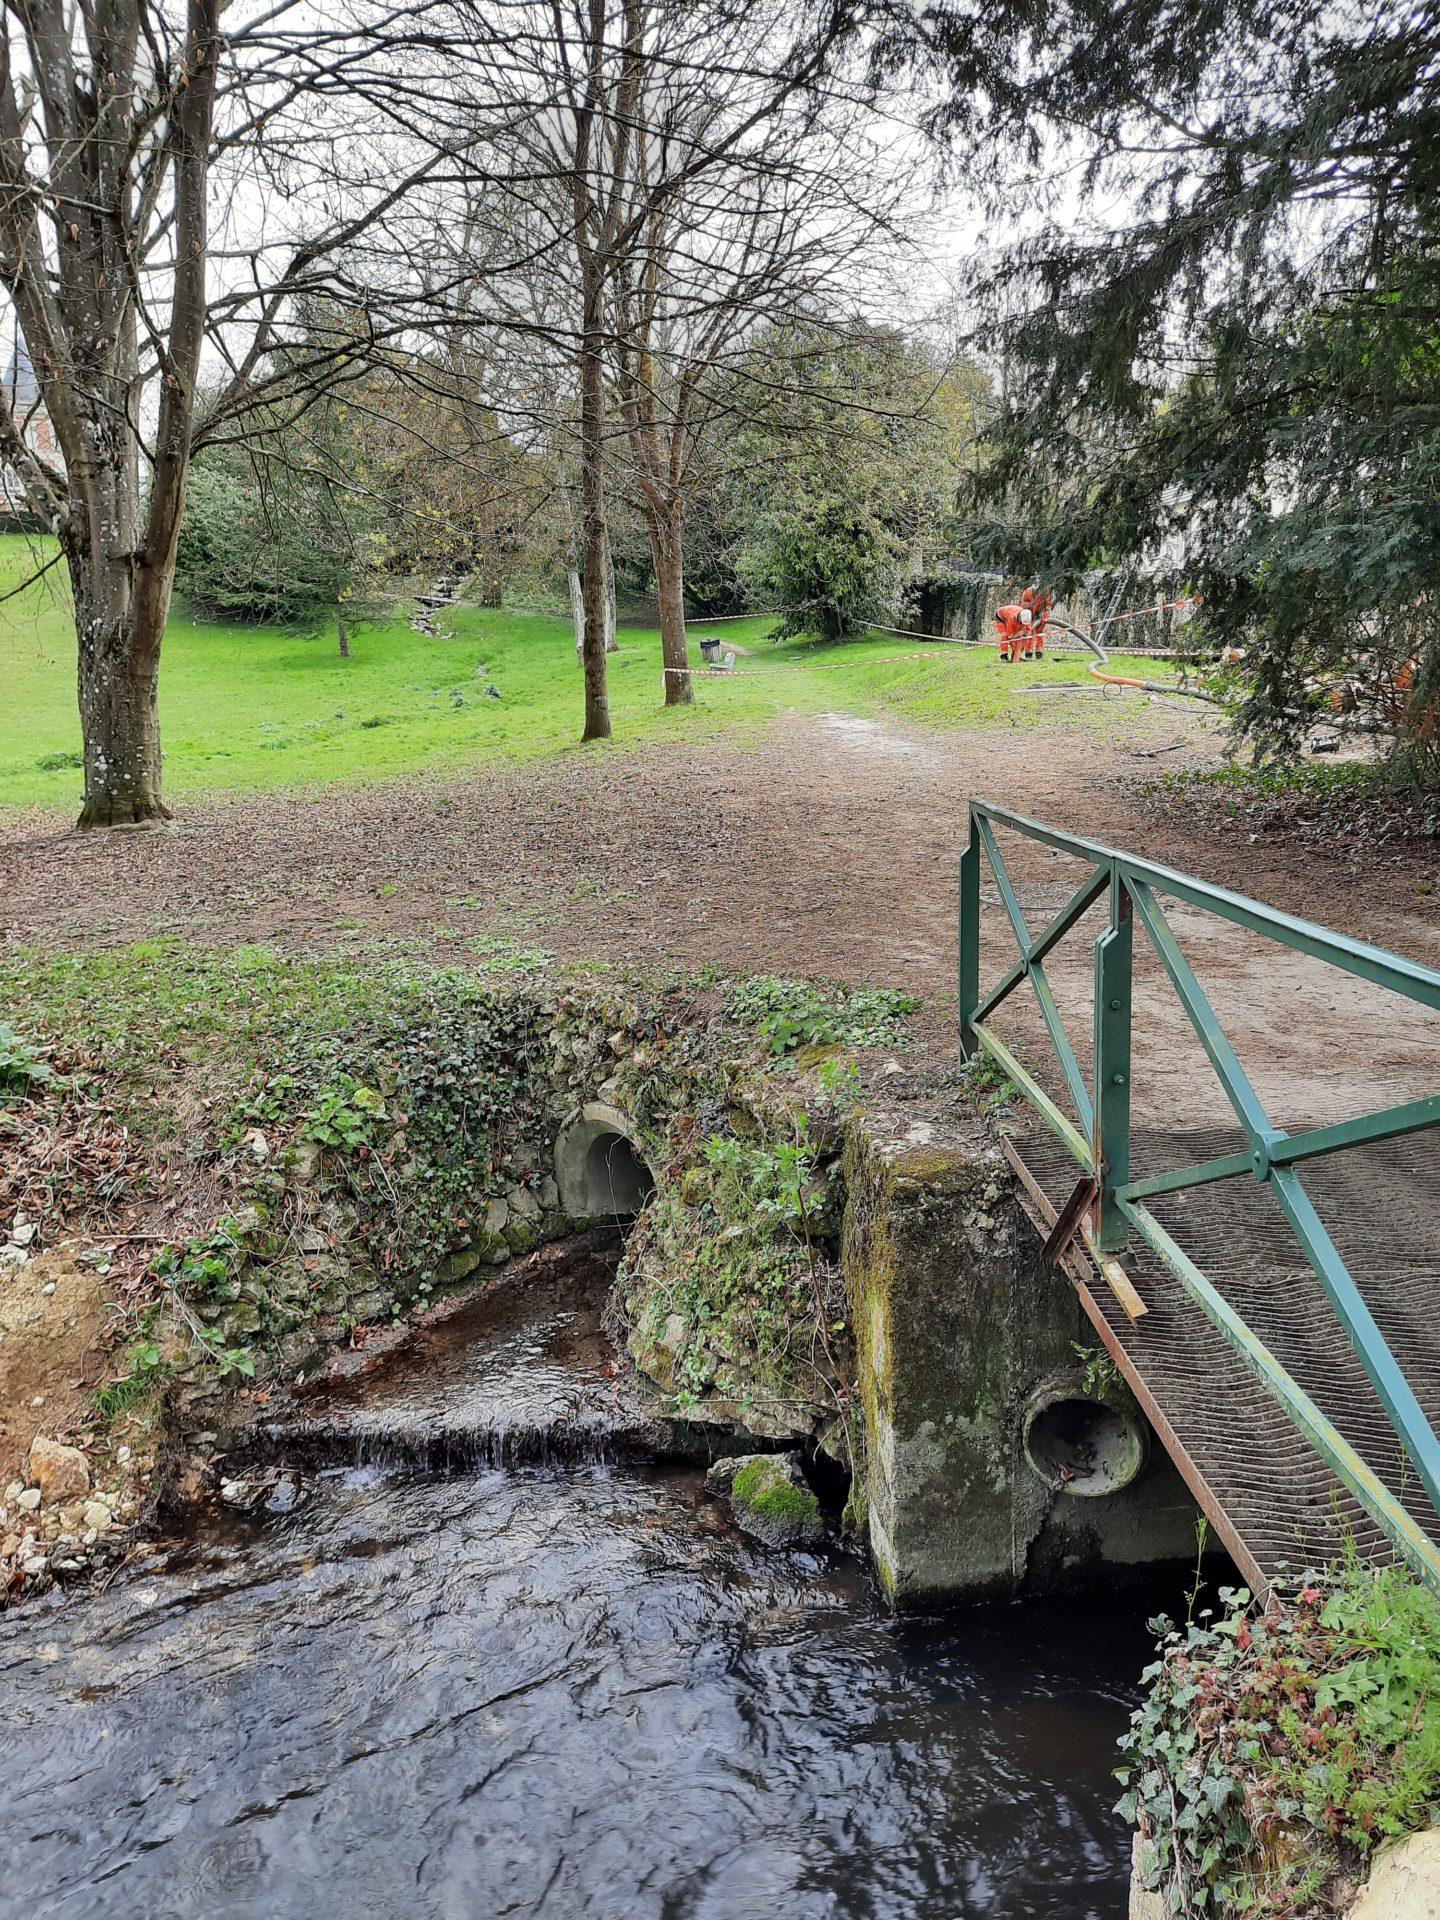 Pollution de la rivière Ecole dans le parc de la mairie de Pringy : Ne jetez plus de lingettes dans vos toilettes !